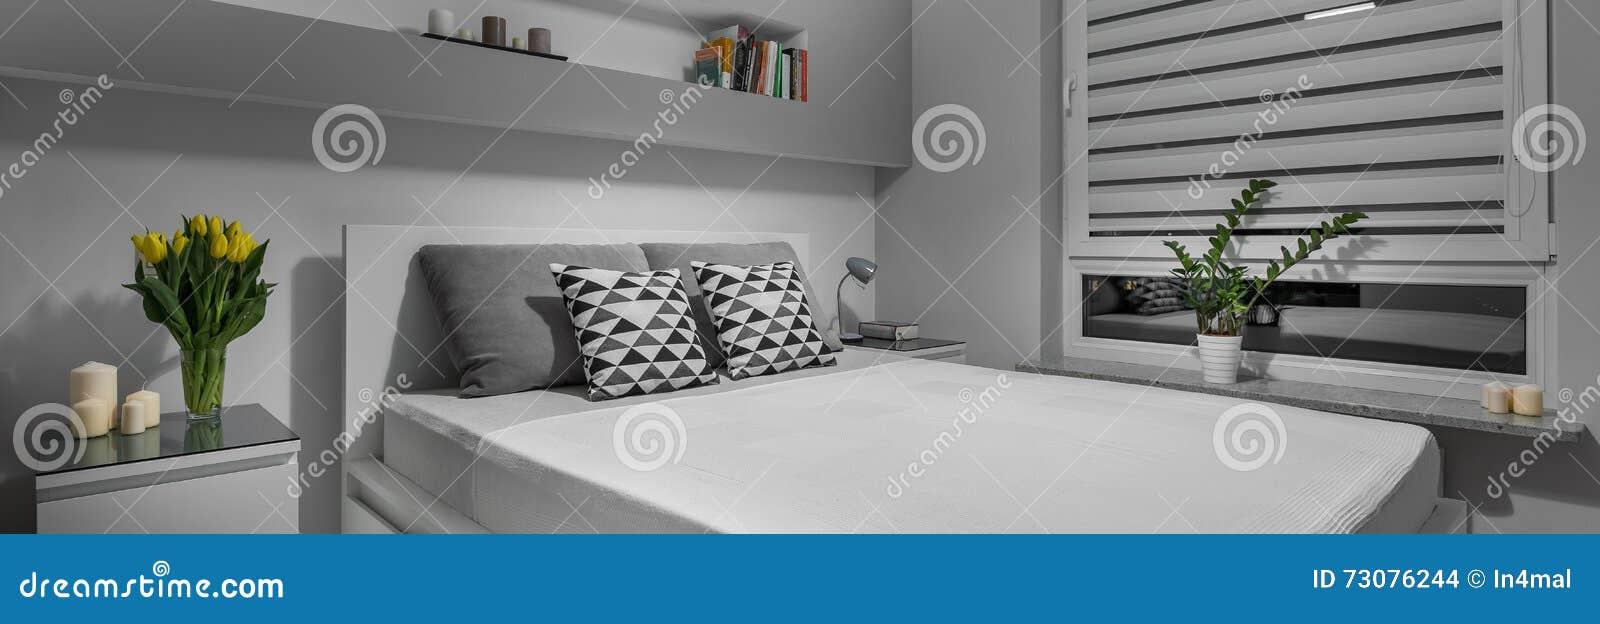 Einfaches graues Schlafzimmer